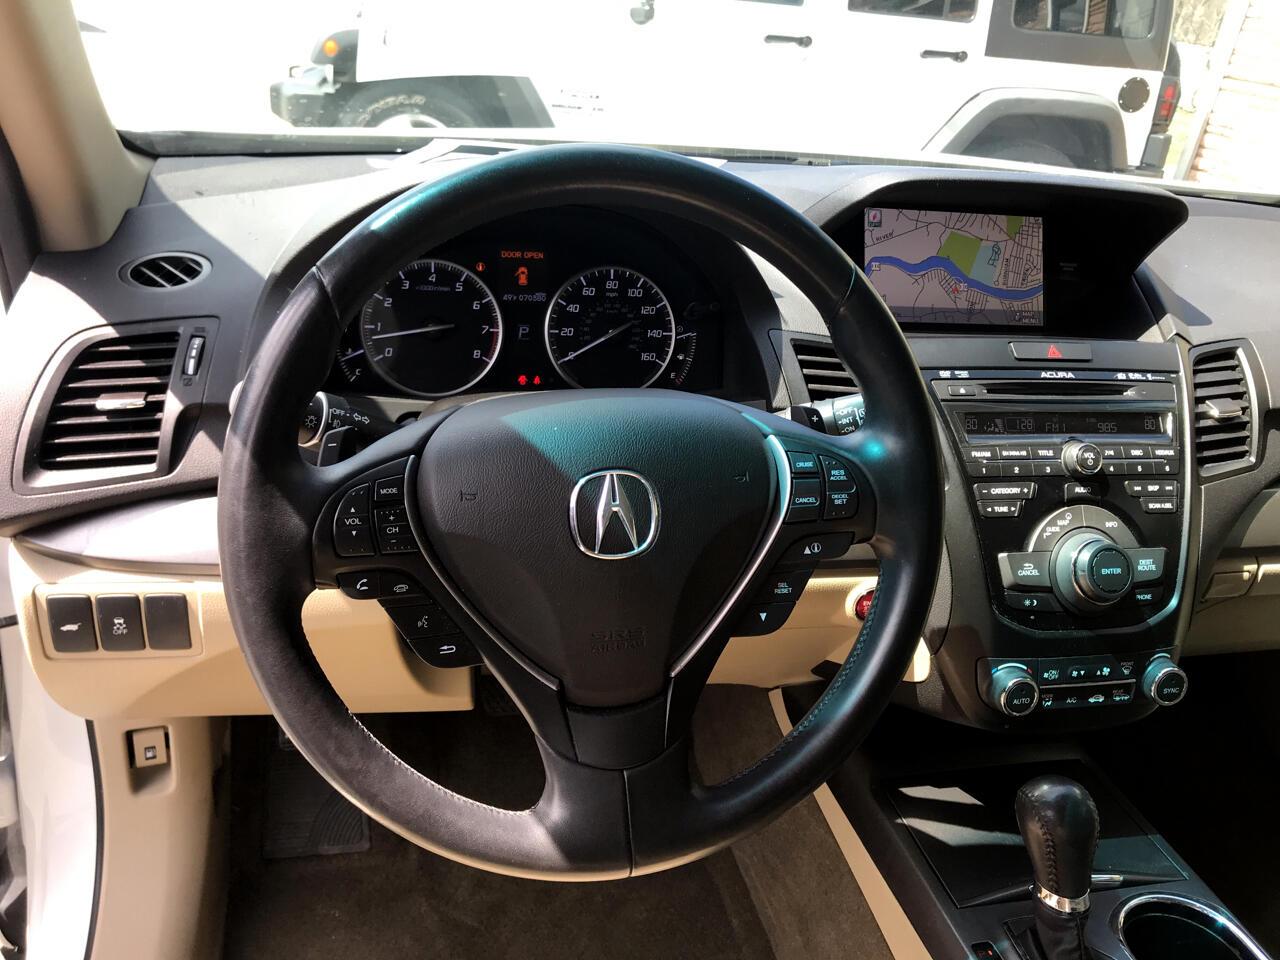 2013 Acura RDX TECHNOLOGY